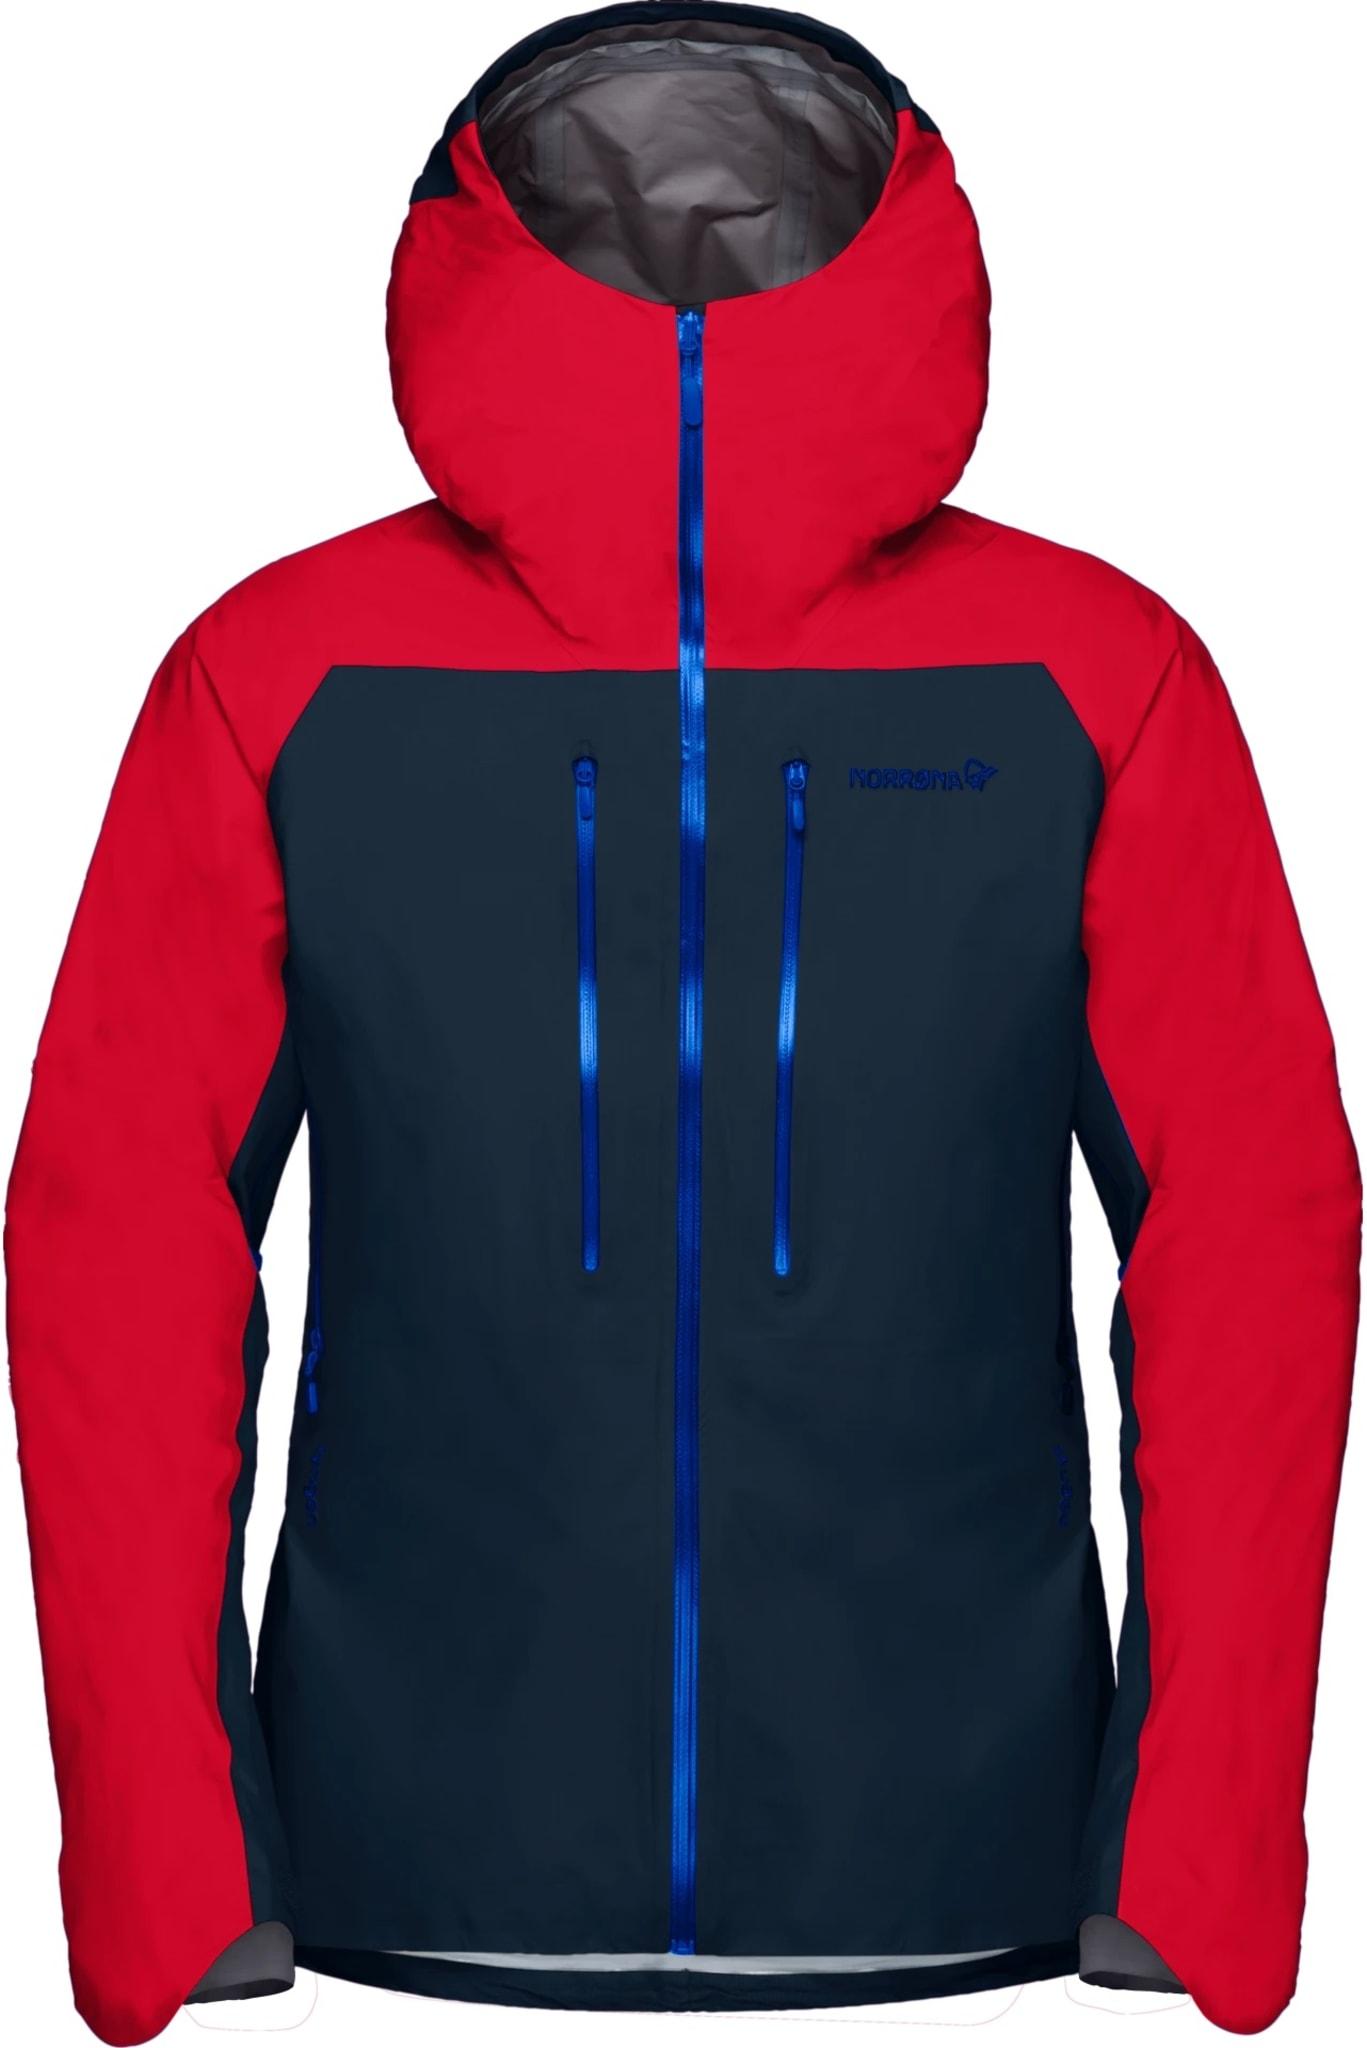 Teknisk jakke som gjør alt litt lettere for deg i fjellet